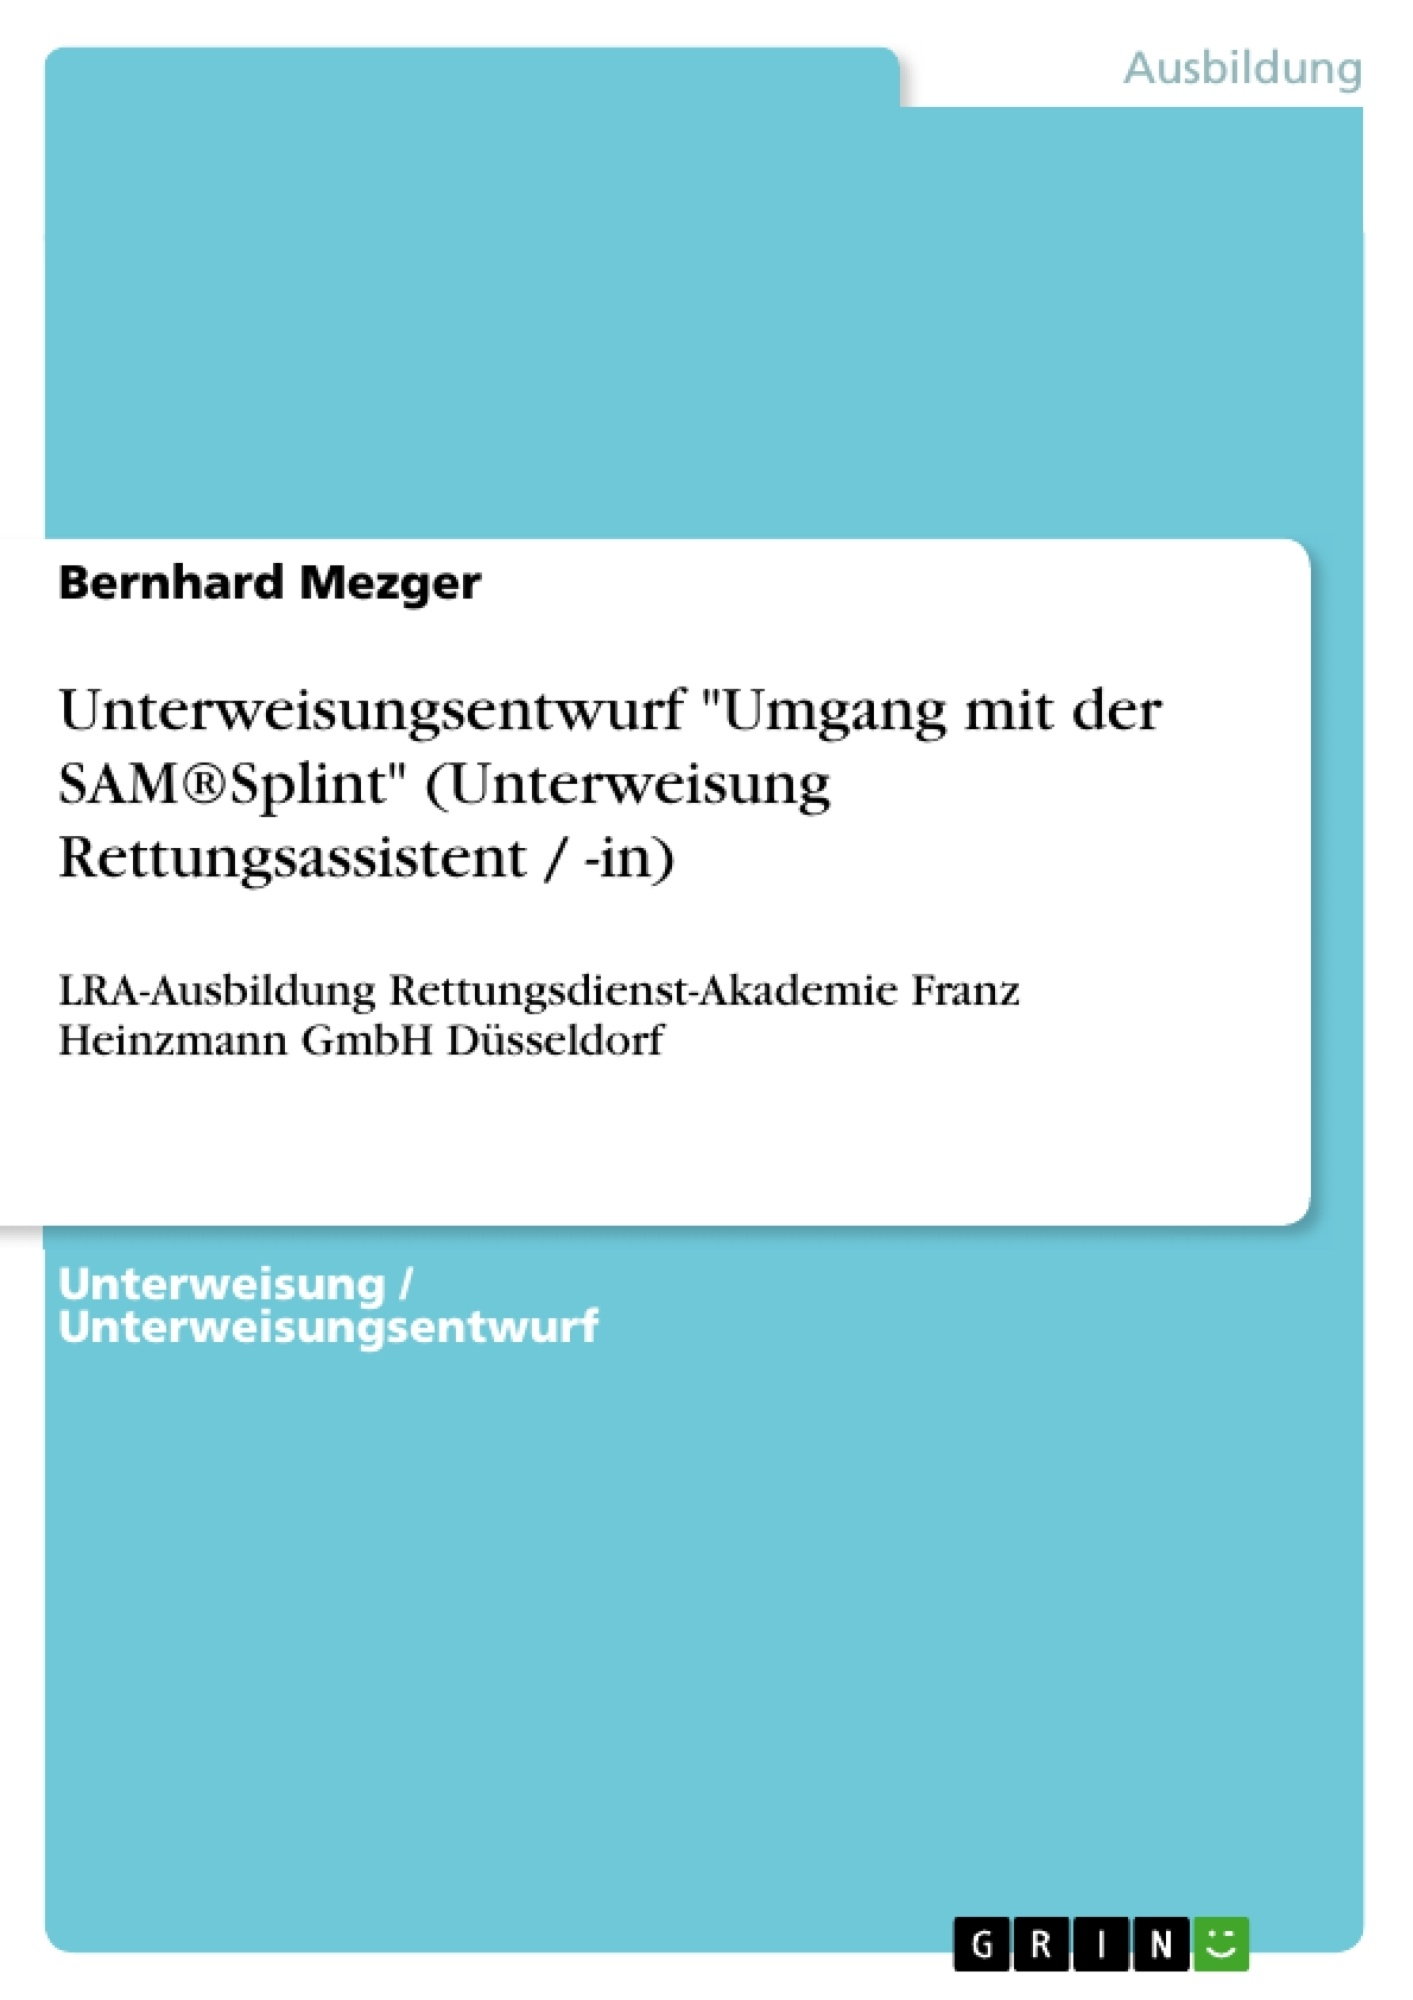 """Titel: Unterweisungsentwurf """"Umgang mit der SAM®Splint"""" (Unterweisung Rettungsassistent / -in)"""